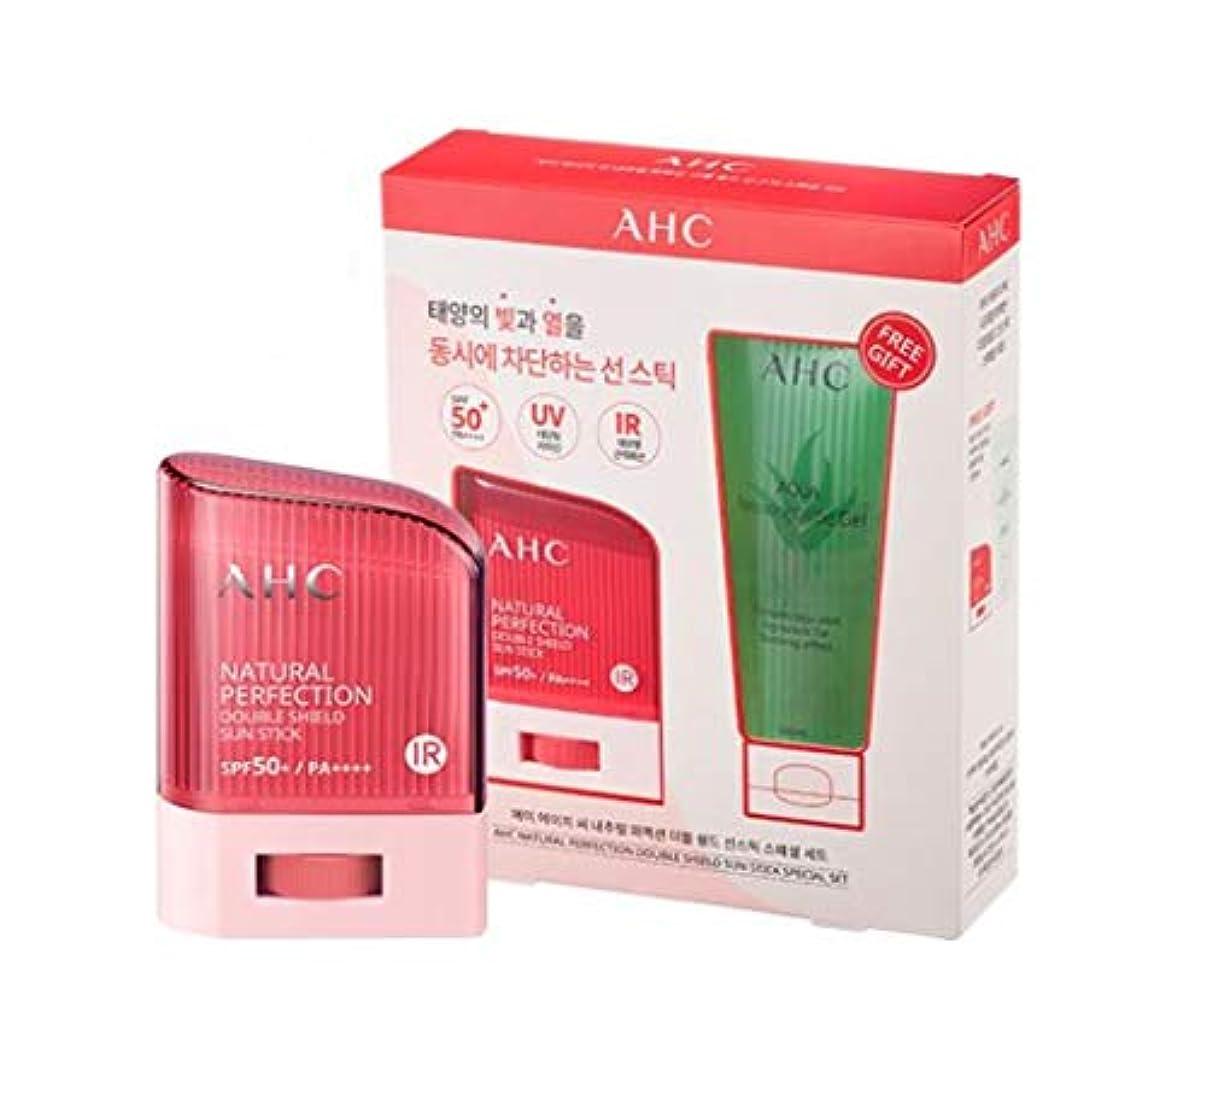 のぞき見静けさ褐色AHC Natural Perfection Double Shield Sun Stick Special Set(Aloe Gel 100ml 含ま) スティック+アロエジェル[並行輸入品]